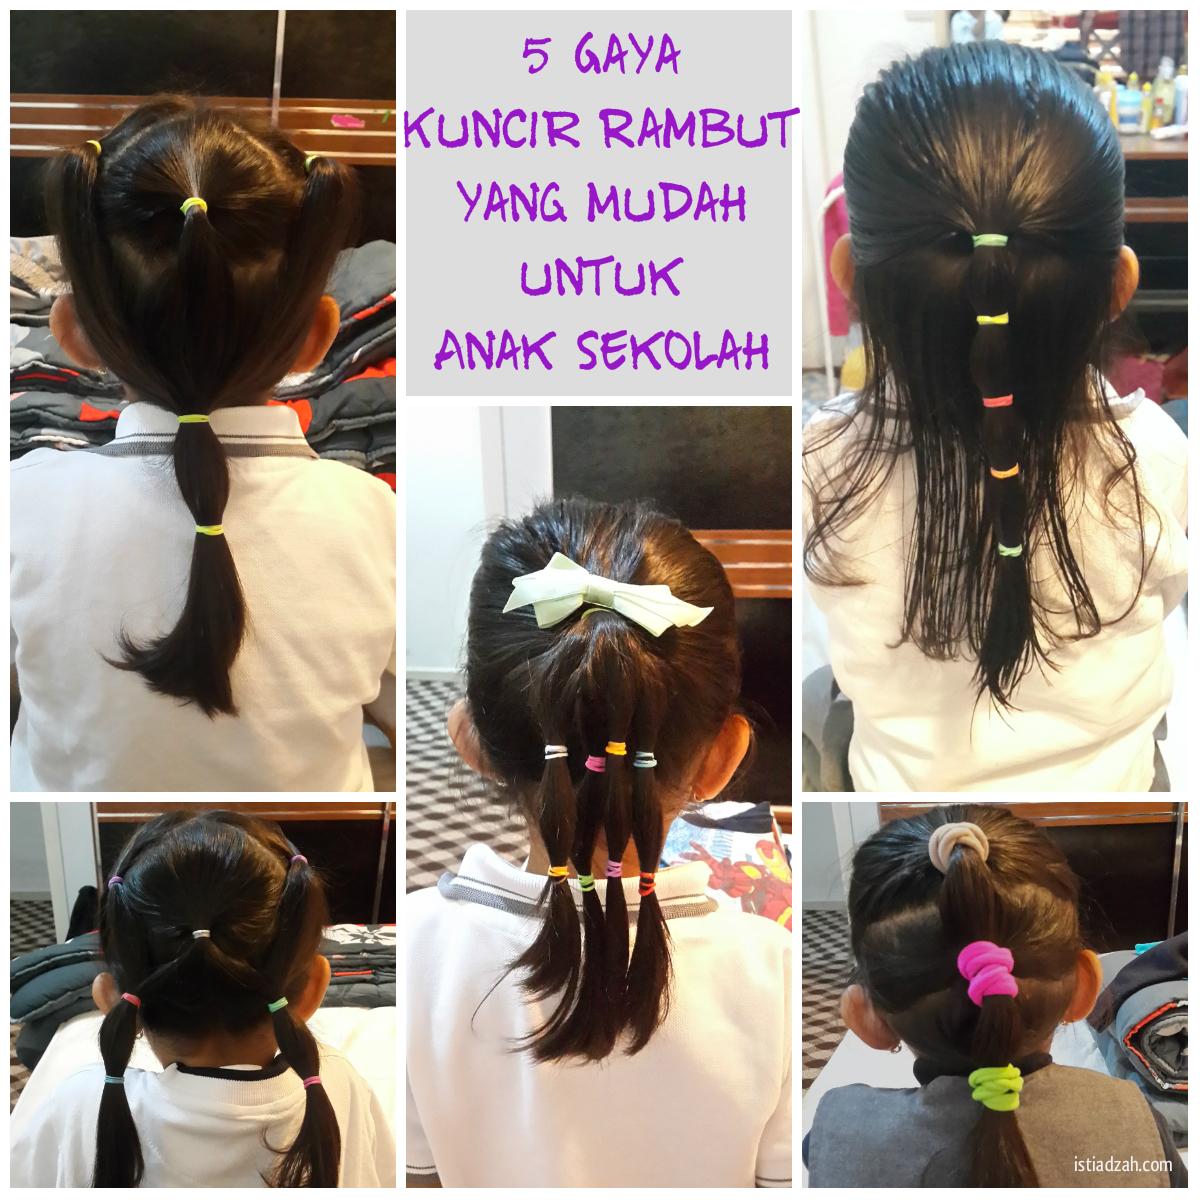 Istiadzah Rohyati Gaya Kuncir Rambut Yang Mudah Untuk Anak Sekolah - Gaya rambut anak perempuan ke sekolah